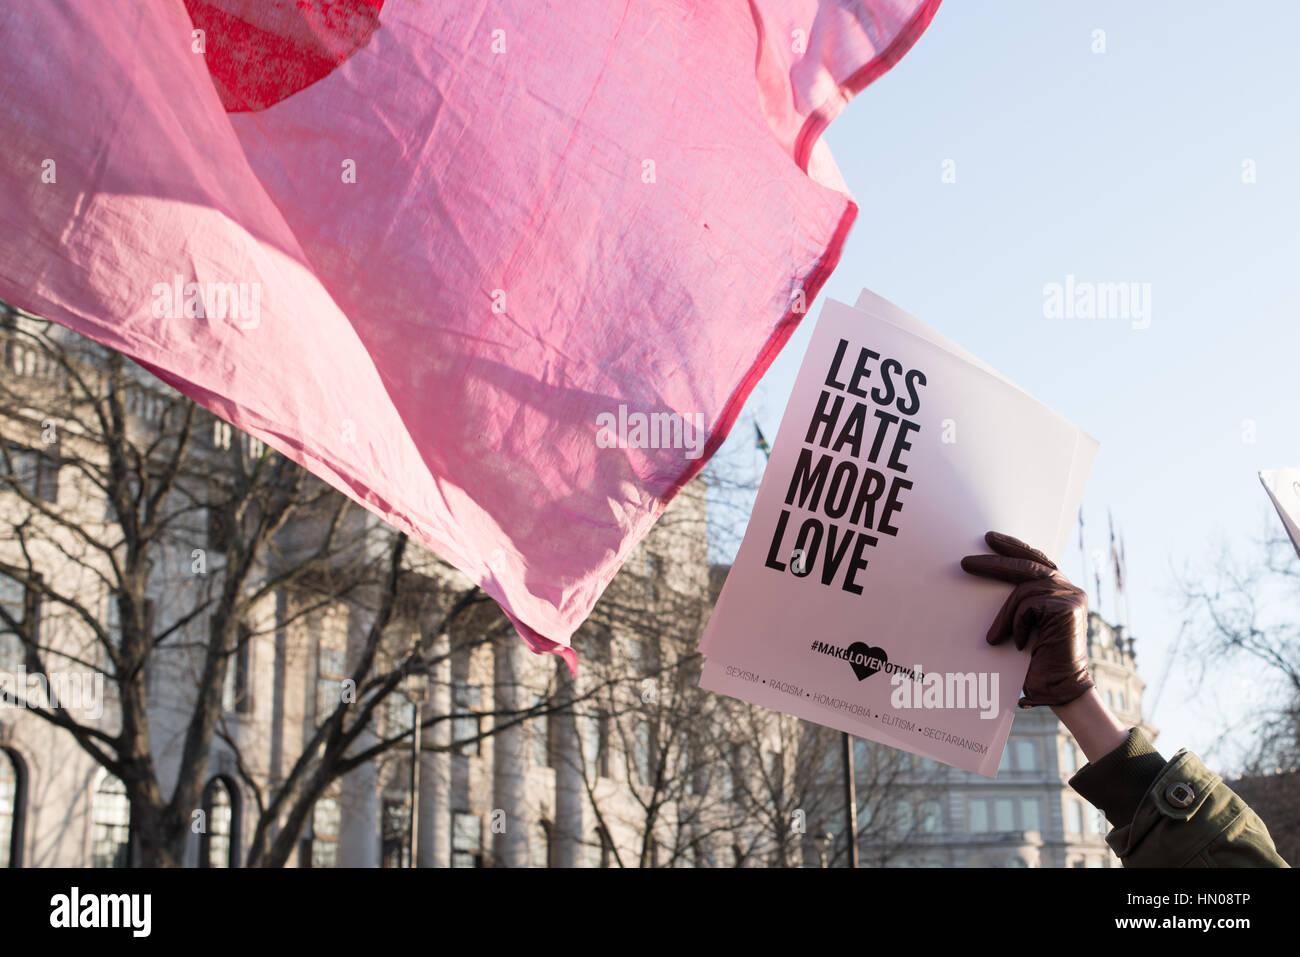 Londres, Reino Unido - 21 de enero de 2017. Mano sujetando letrero que diga menos odio más amor. Miles de personas Imagen De Stock